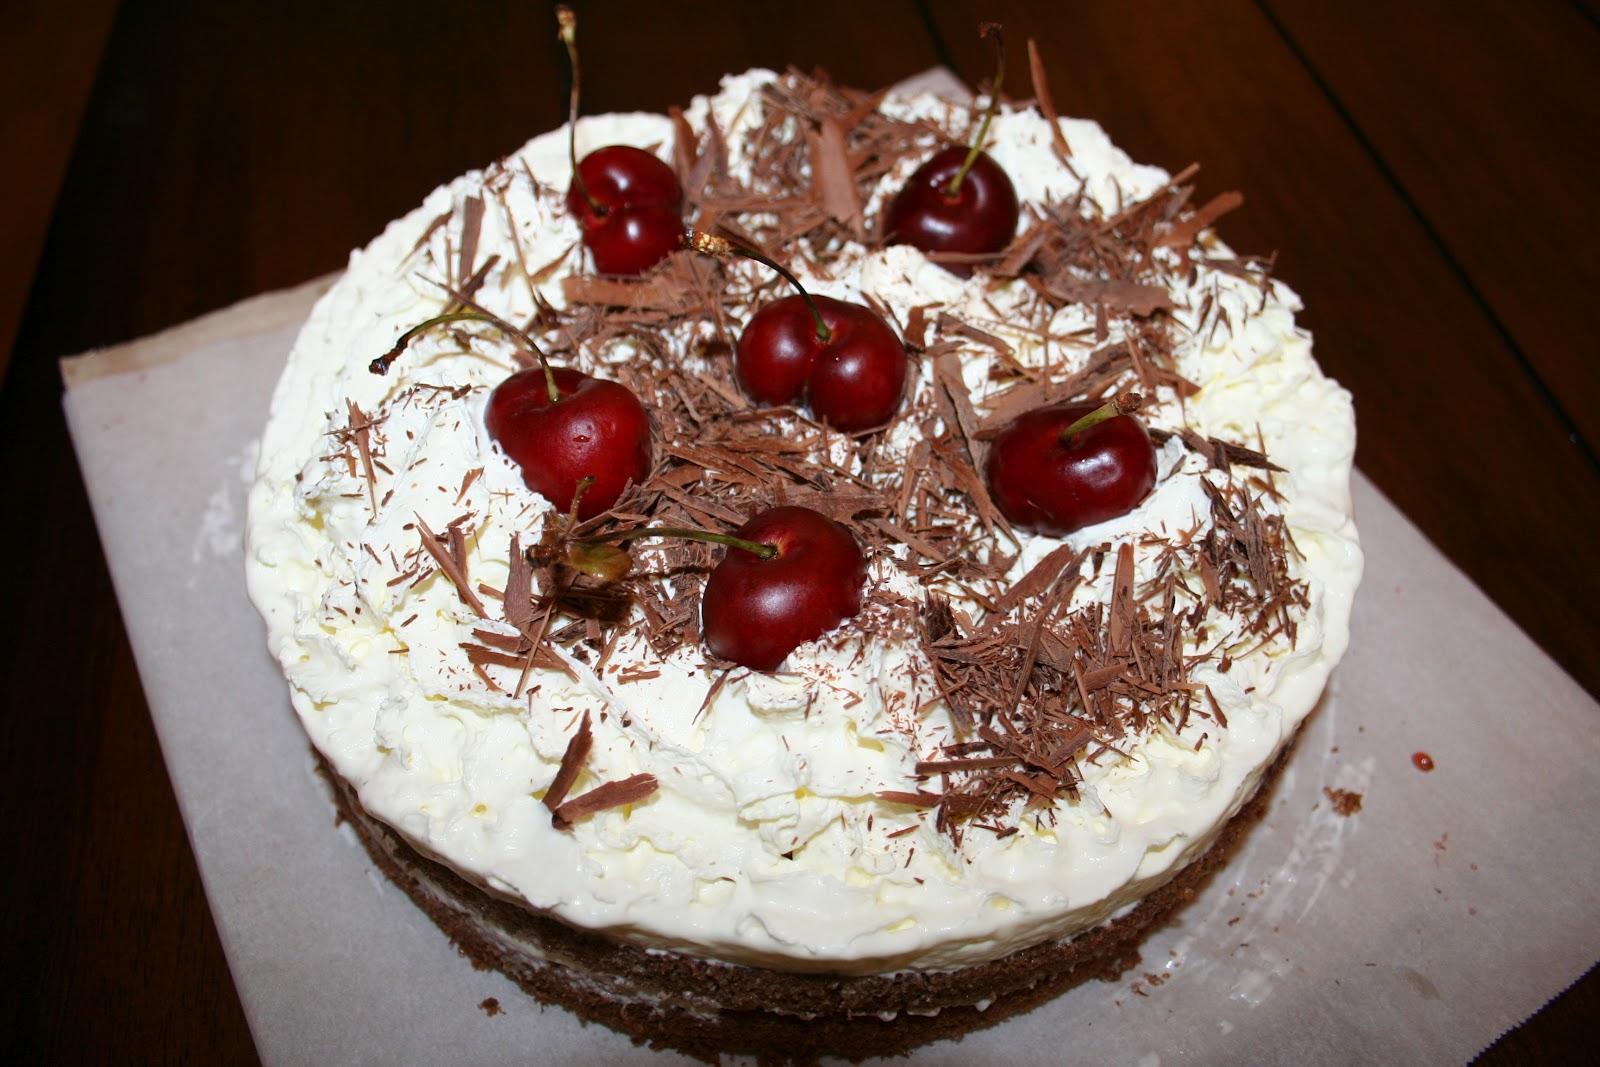 Cake Images Himanshu : Black forest